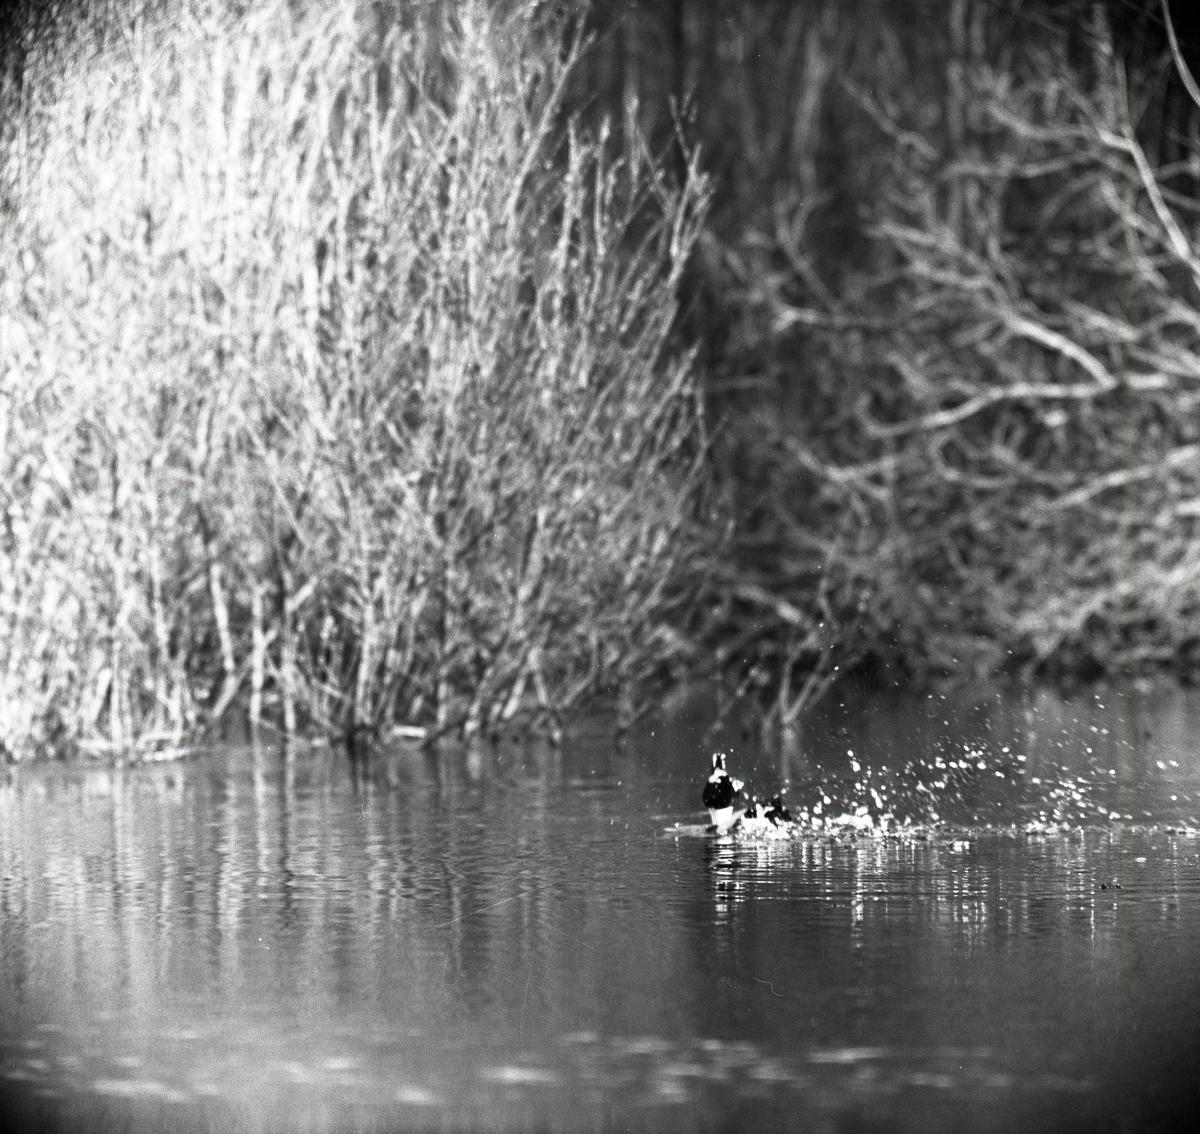 En knipa simmar i en å och sprattar med vingarna så vattnets skvätter runt fågeln, 19-23 april 1960.